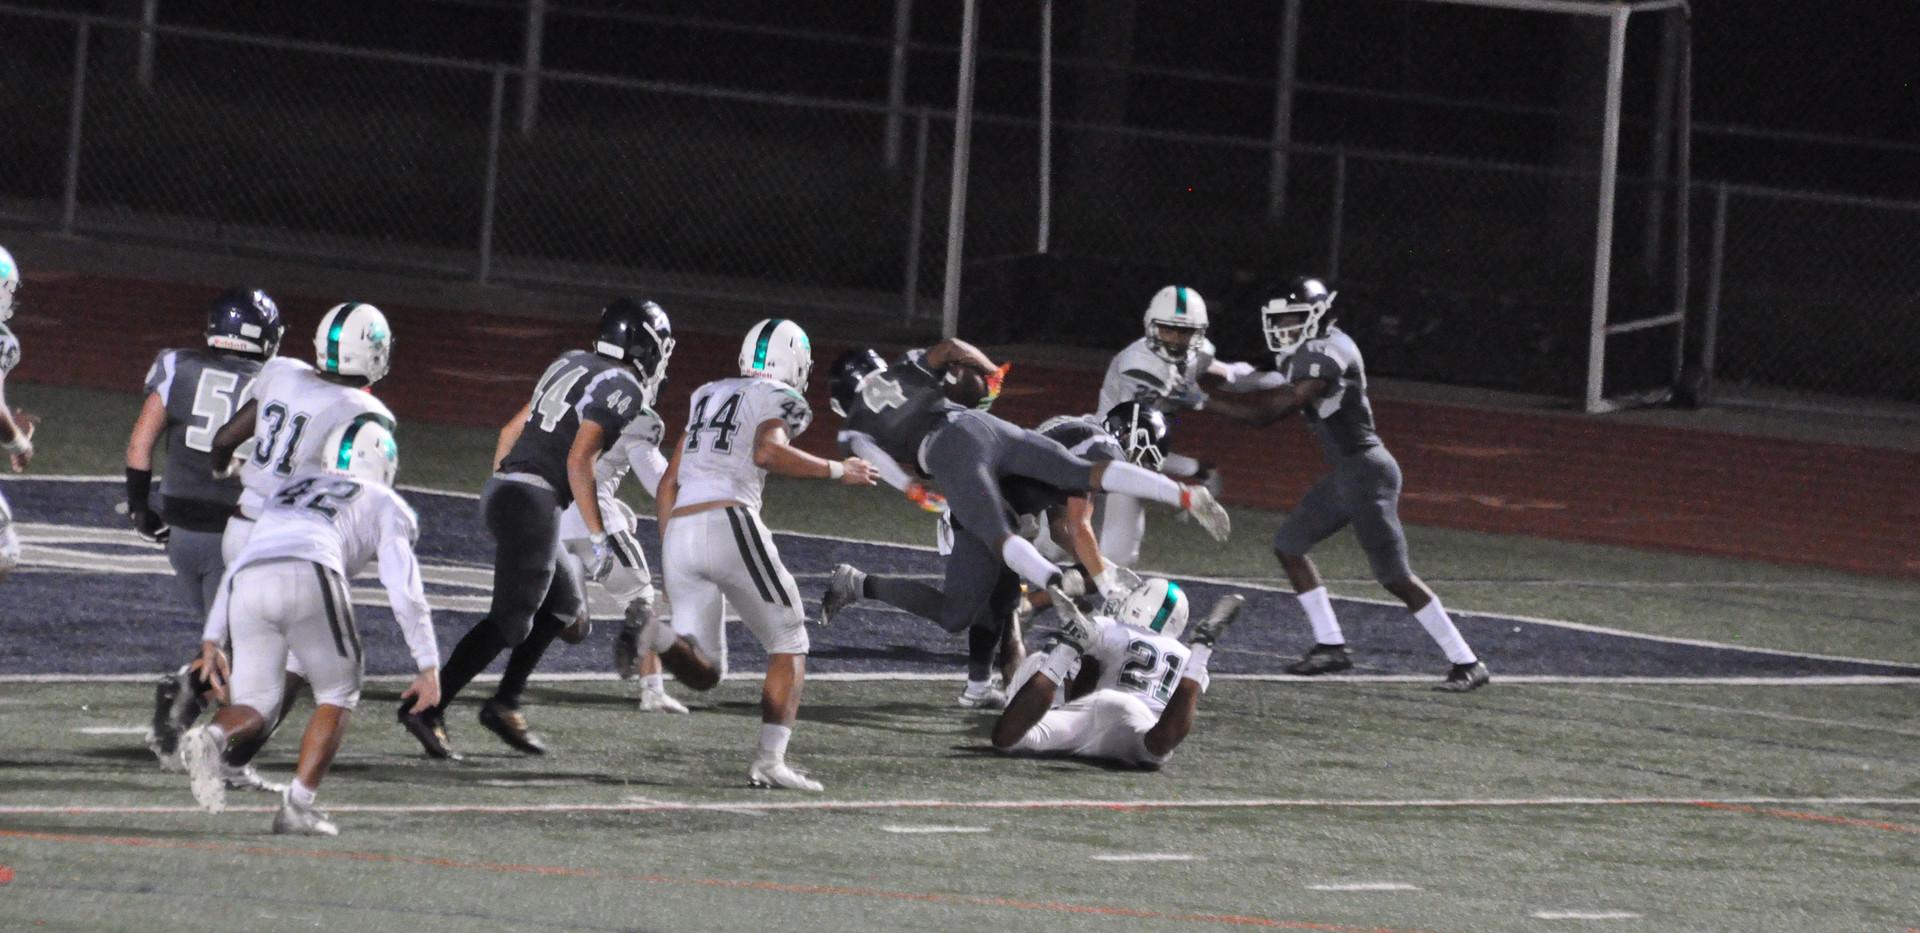 jalen jumping to make touchdown.JPG